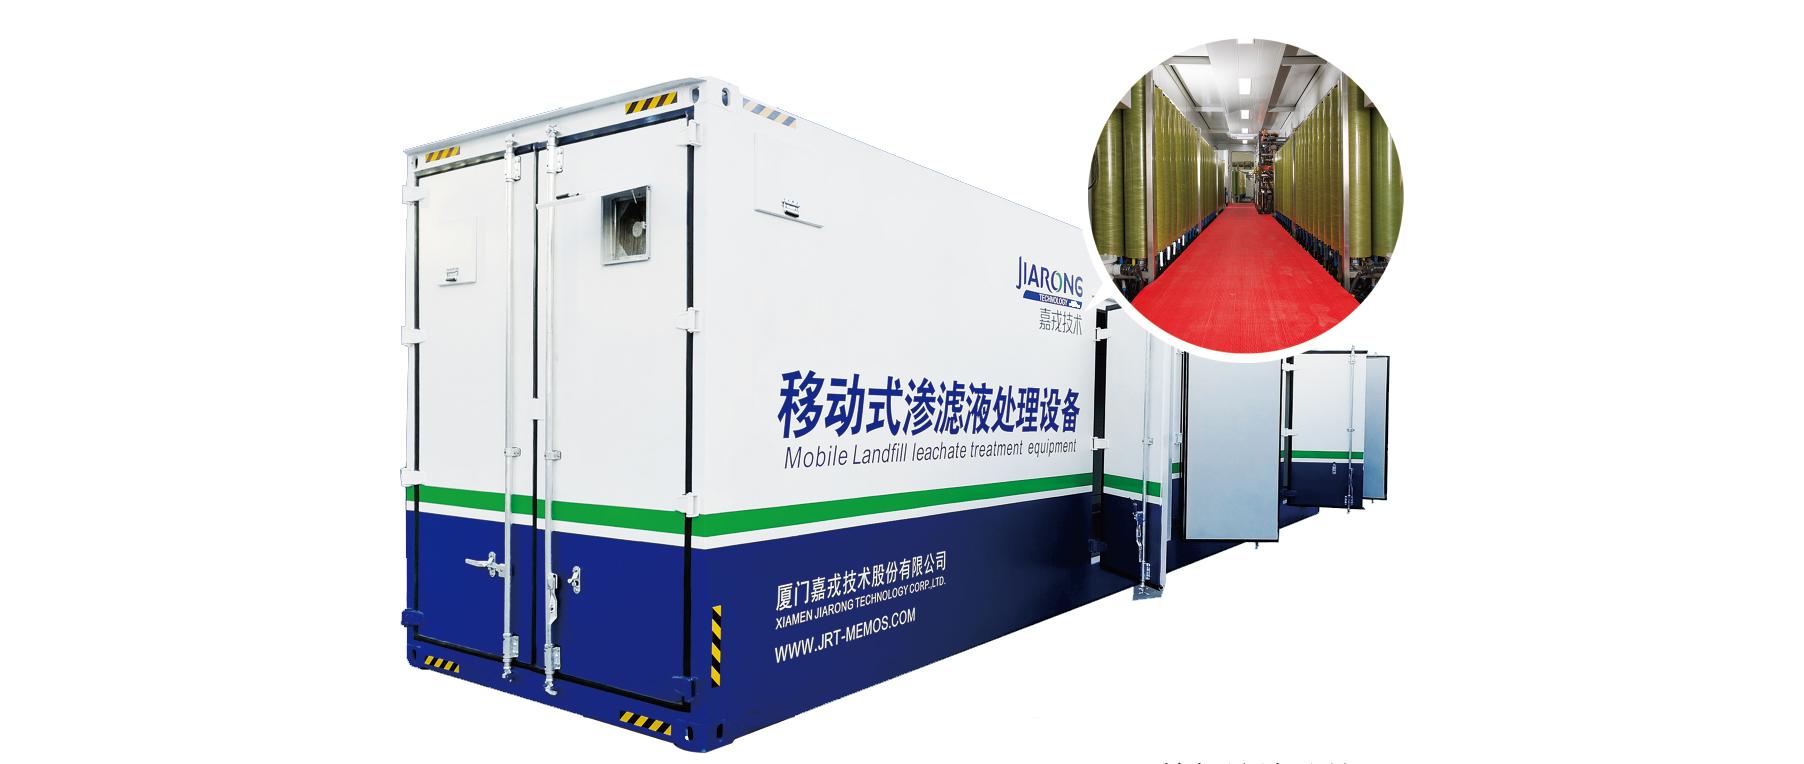 """嘉戎技术荣获""""中国膜工业协会科学技术奖""""二等奖"""